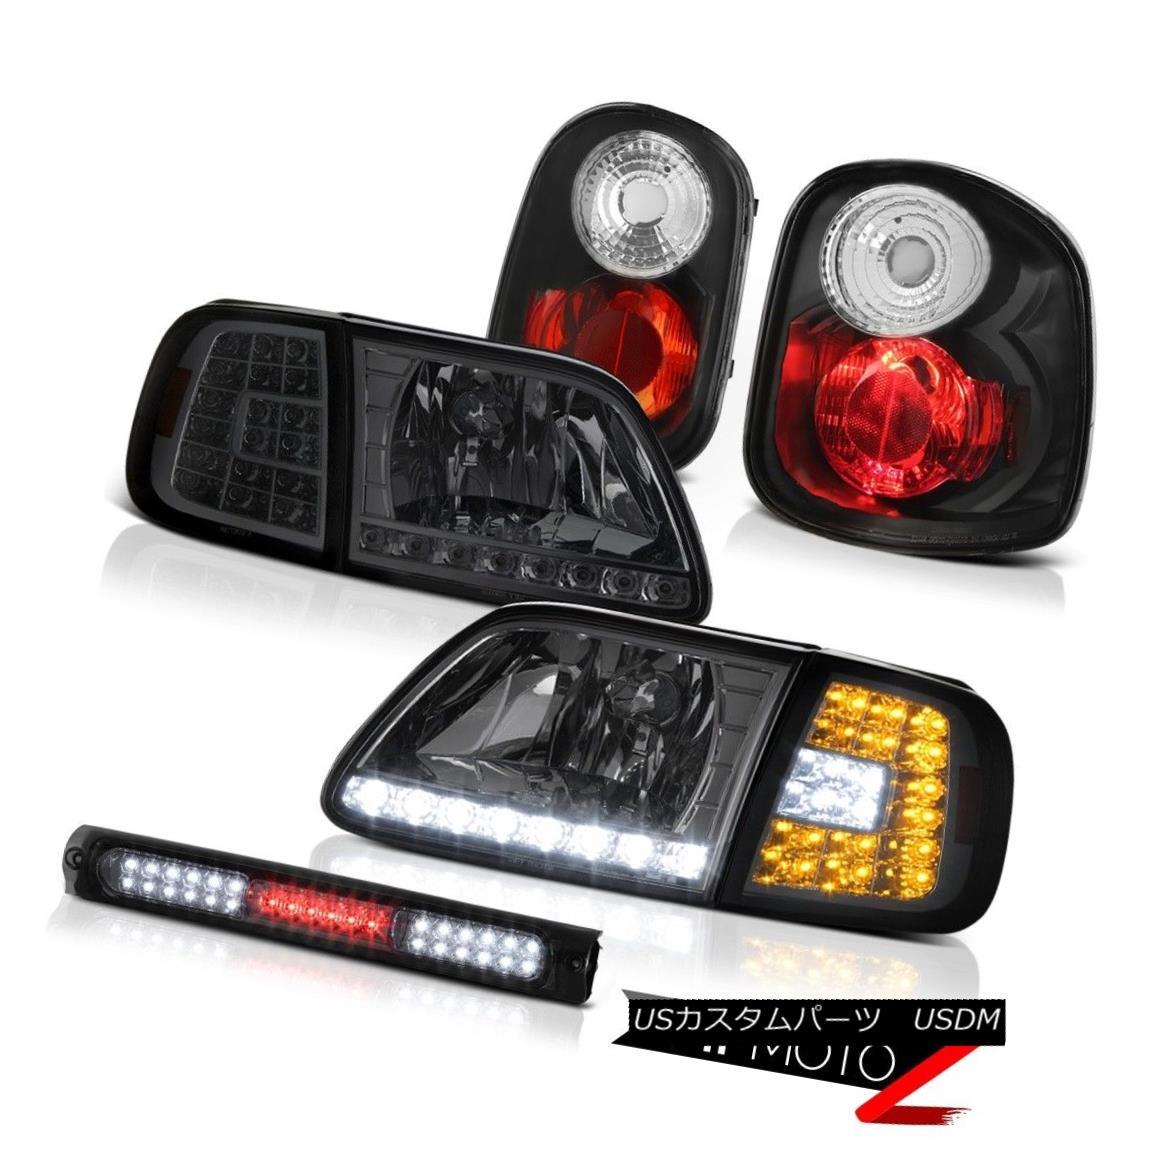 テールライト LED Smoke Bumper+Headlamps Rear Brake Lights Third 2001-2003 F150 Flareside 4.2L LEDスモークバンパー+ヘッドラム psリアブレーキライトサード2001-2003 F150フラレイド4.2L